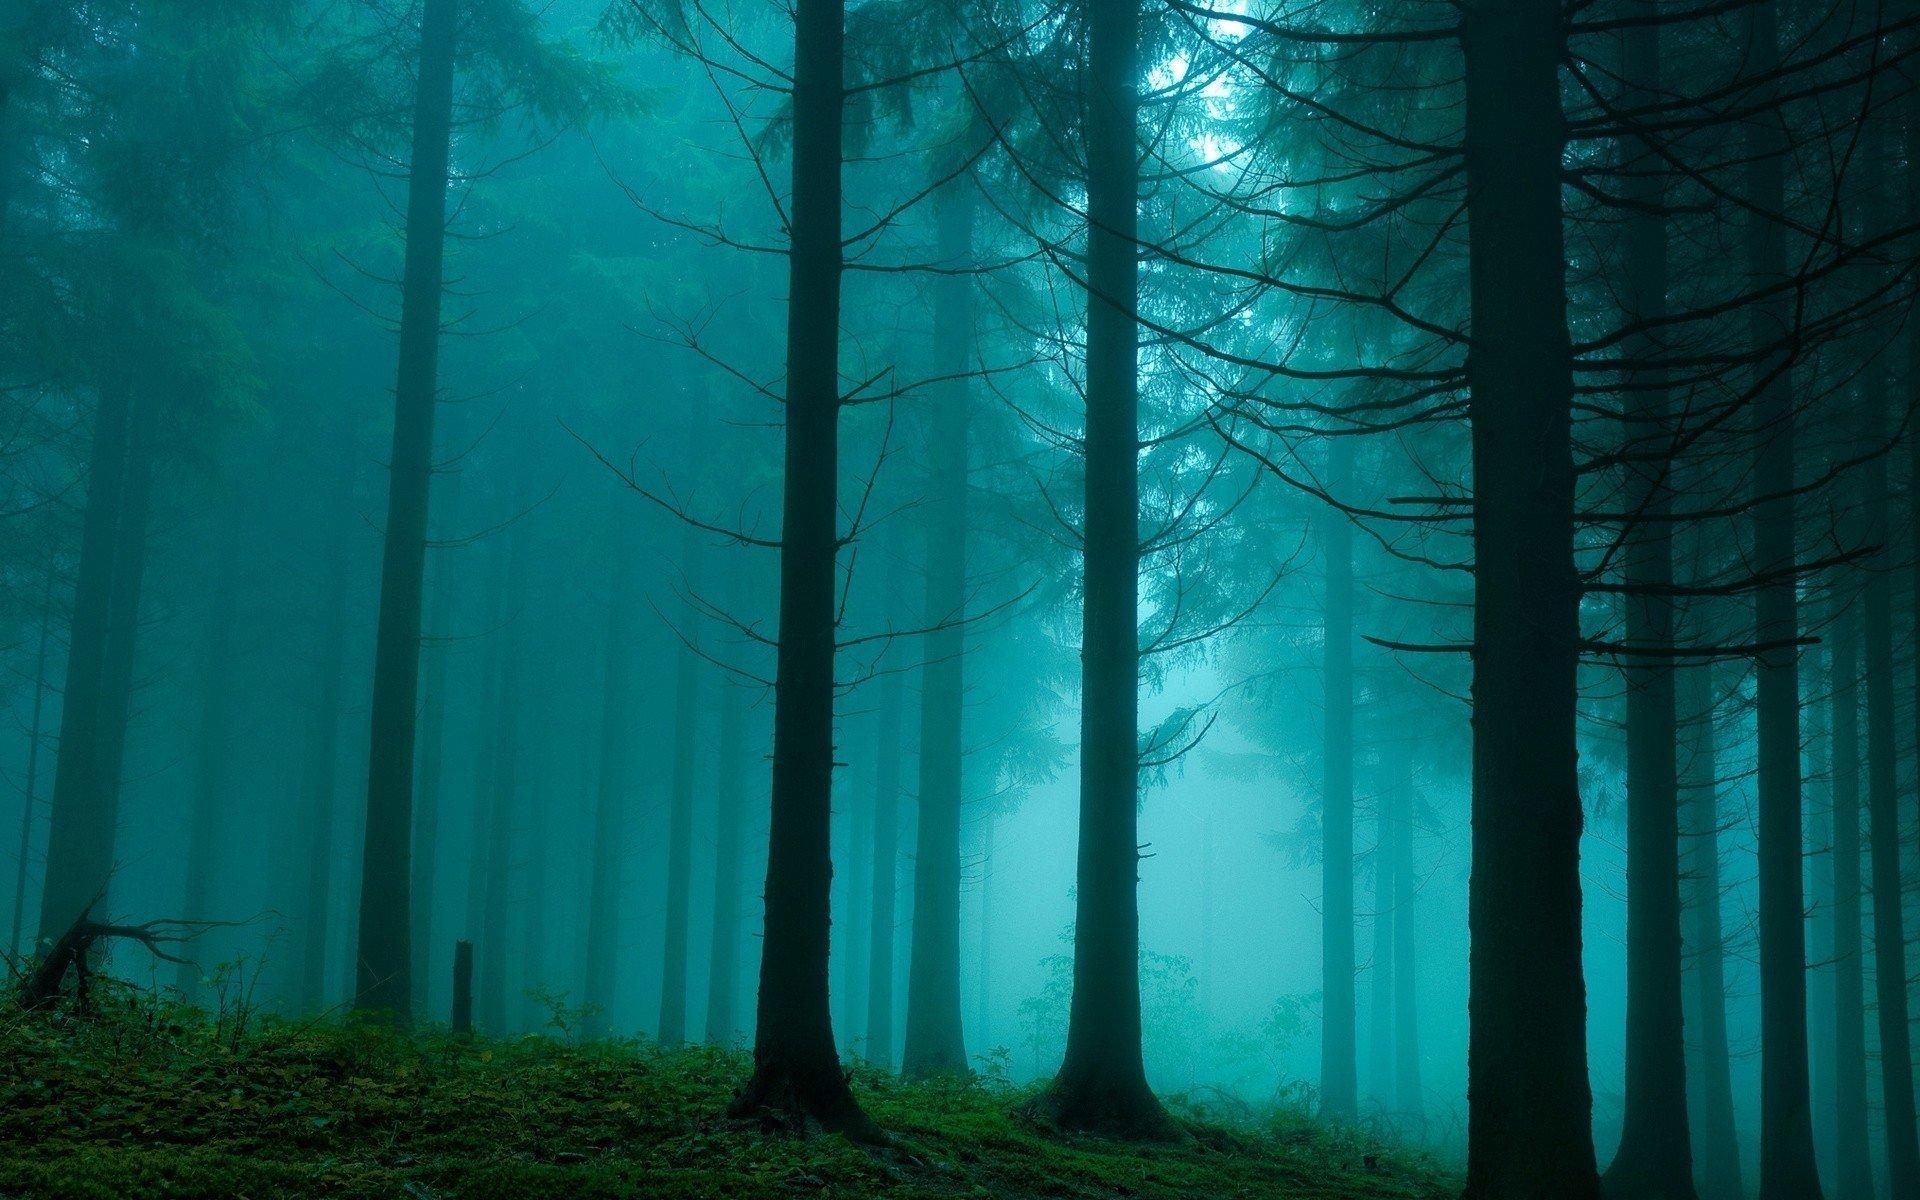 обои на рабочий стол лес в тумане hd № 251963  скачать